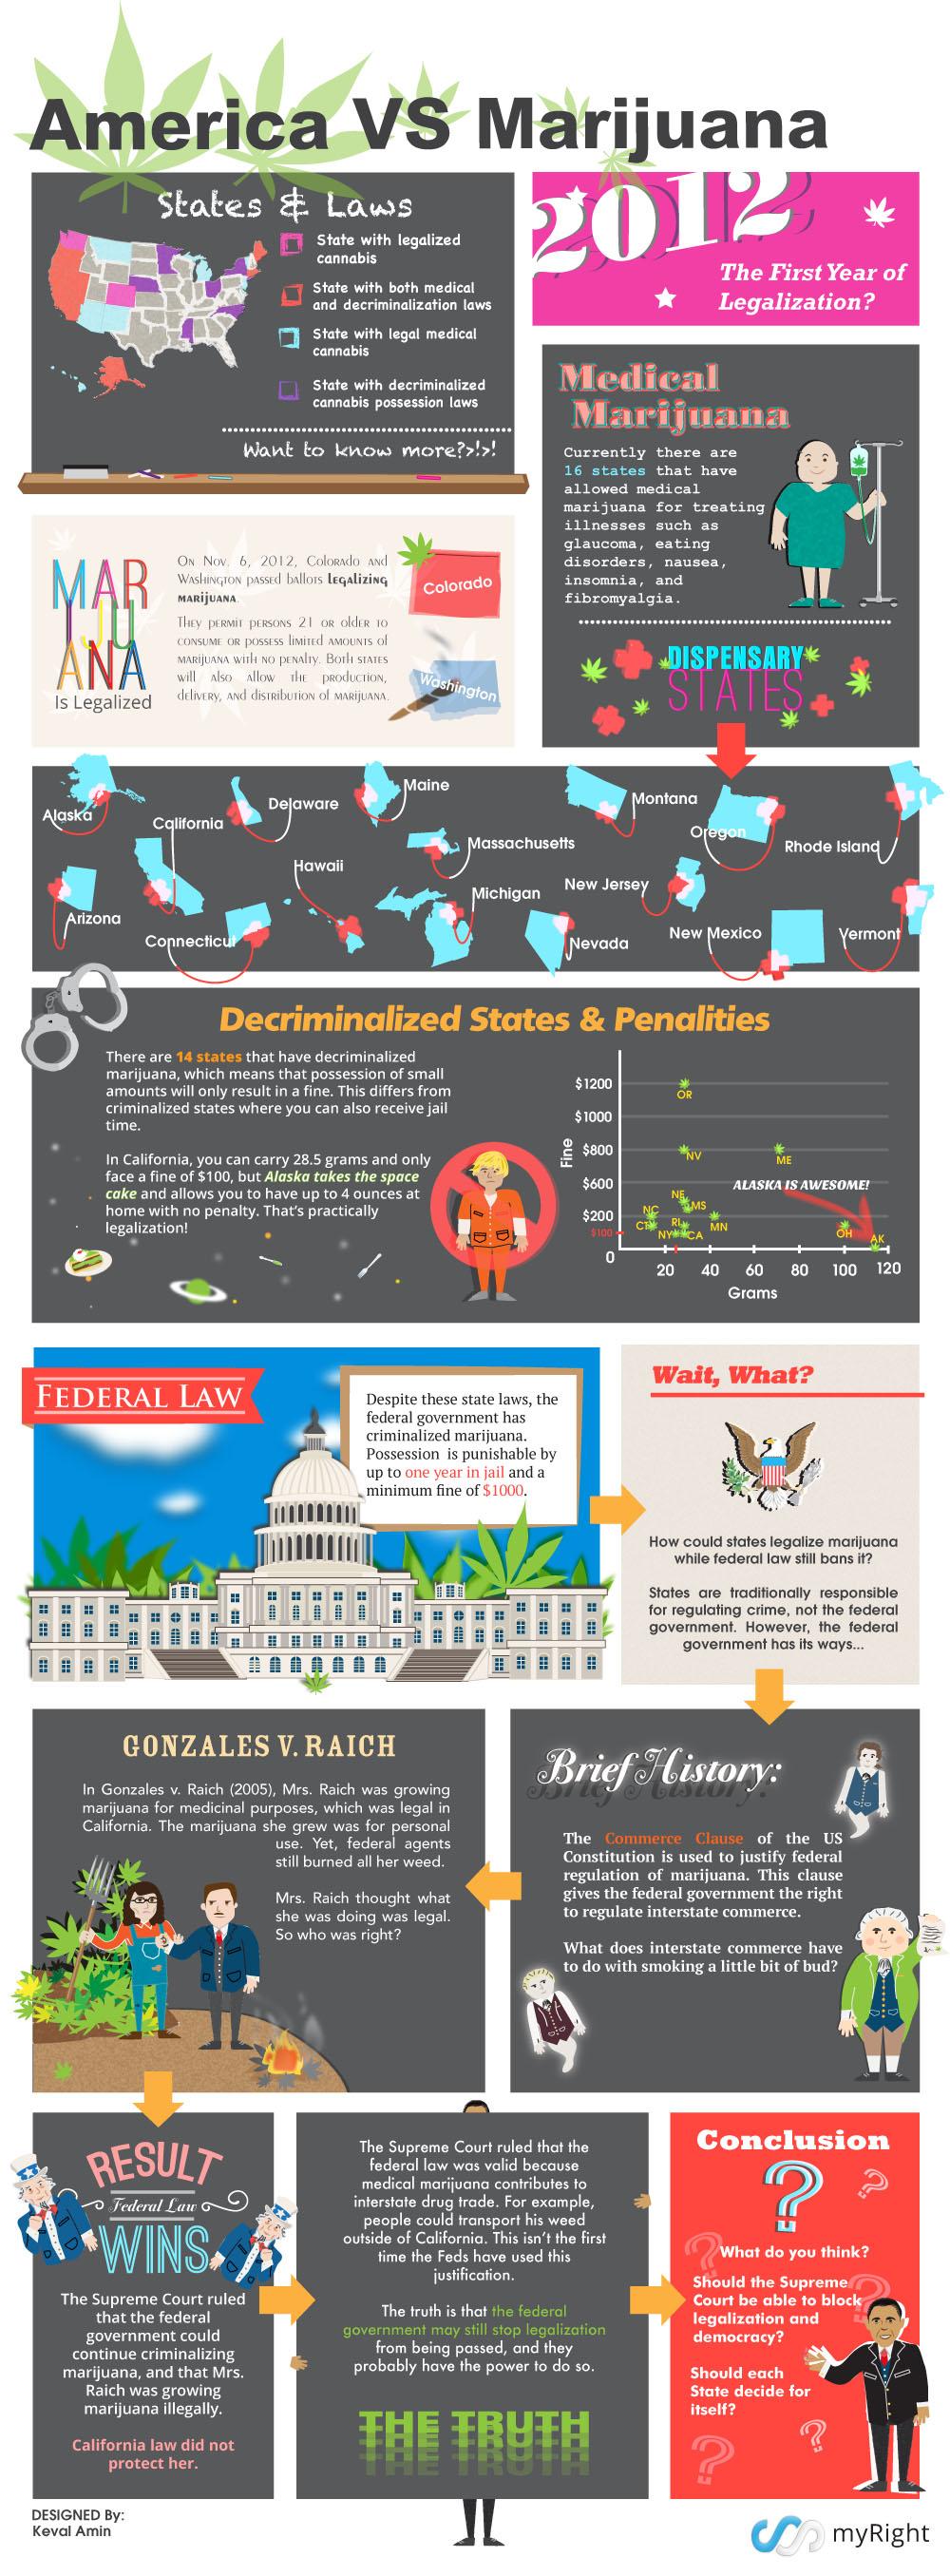 America vs. Marijuana: Marijuana Laws